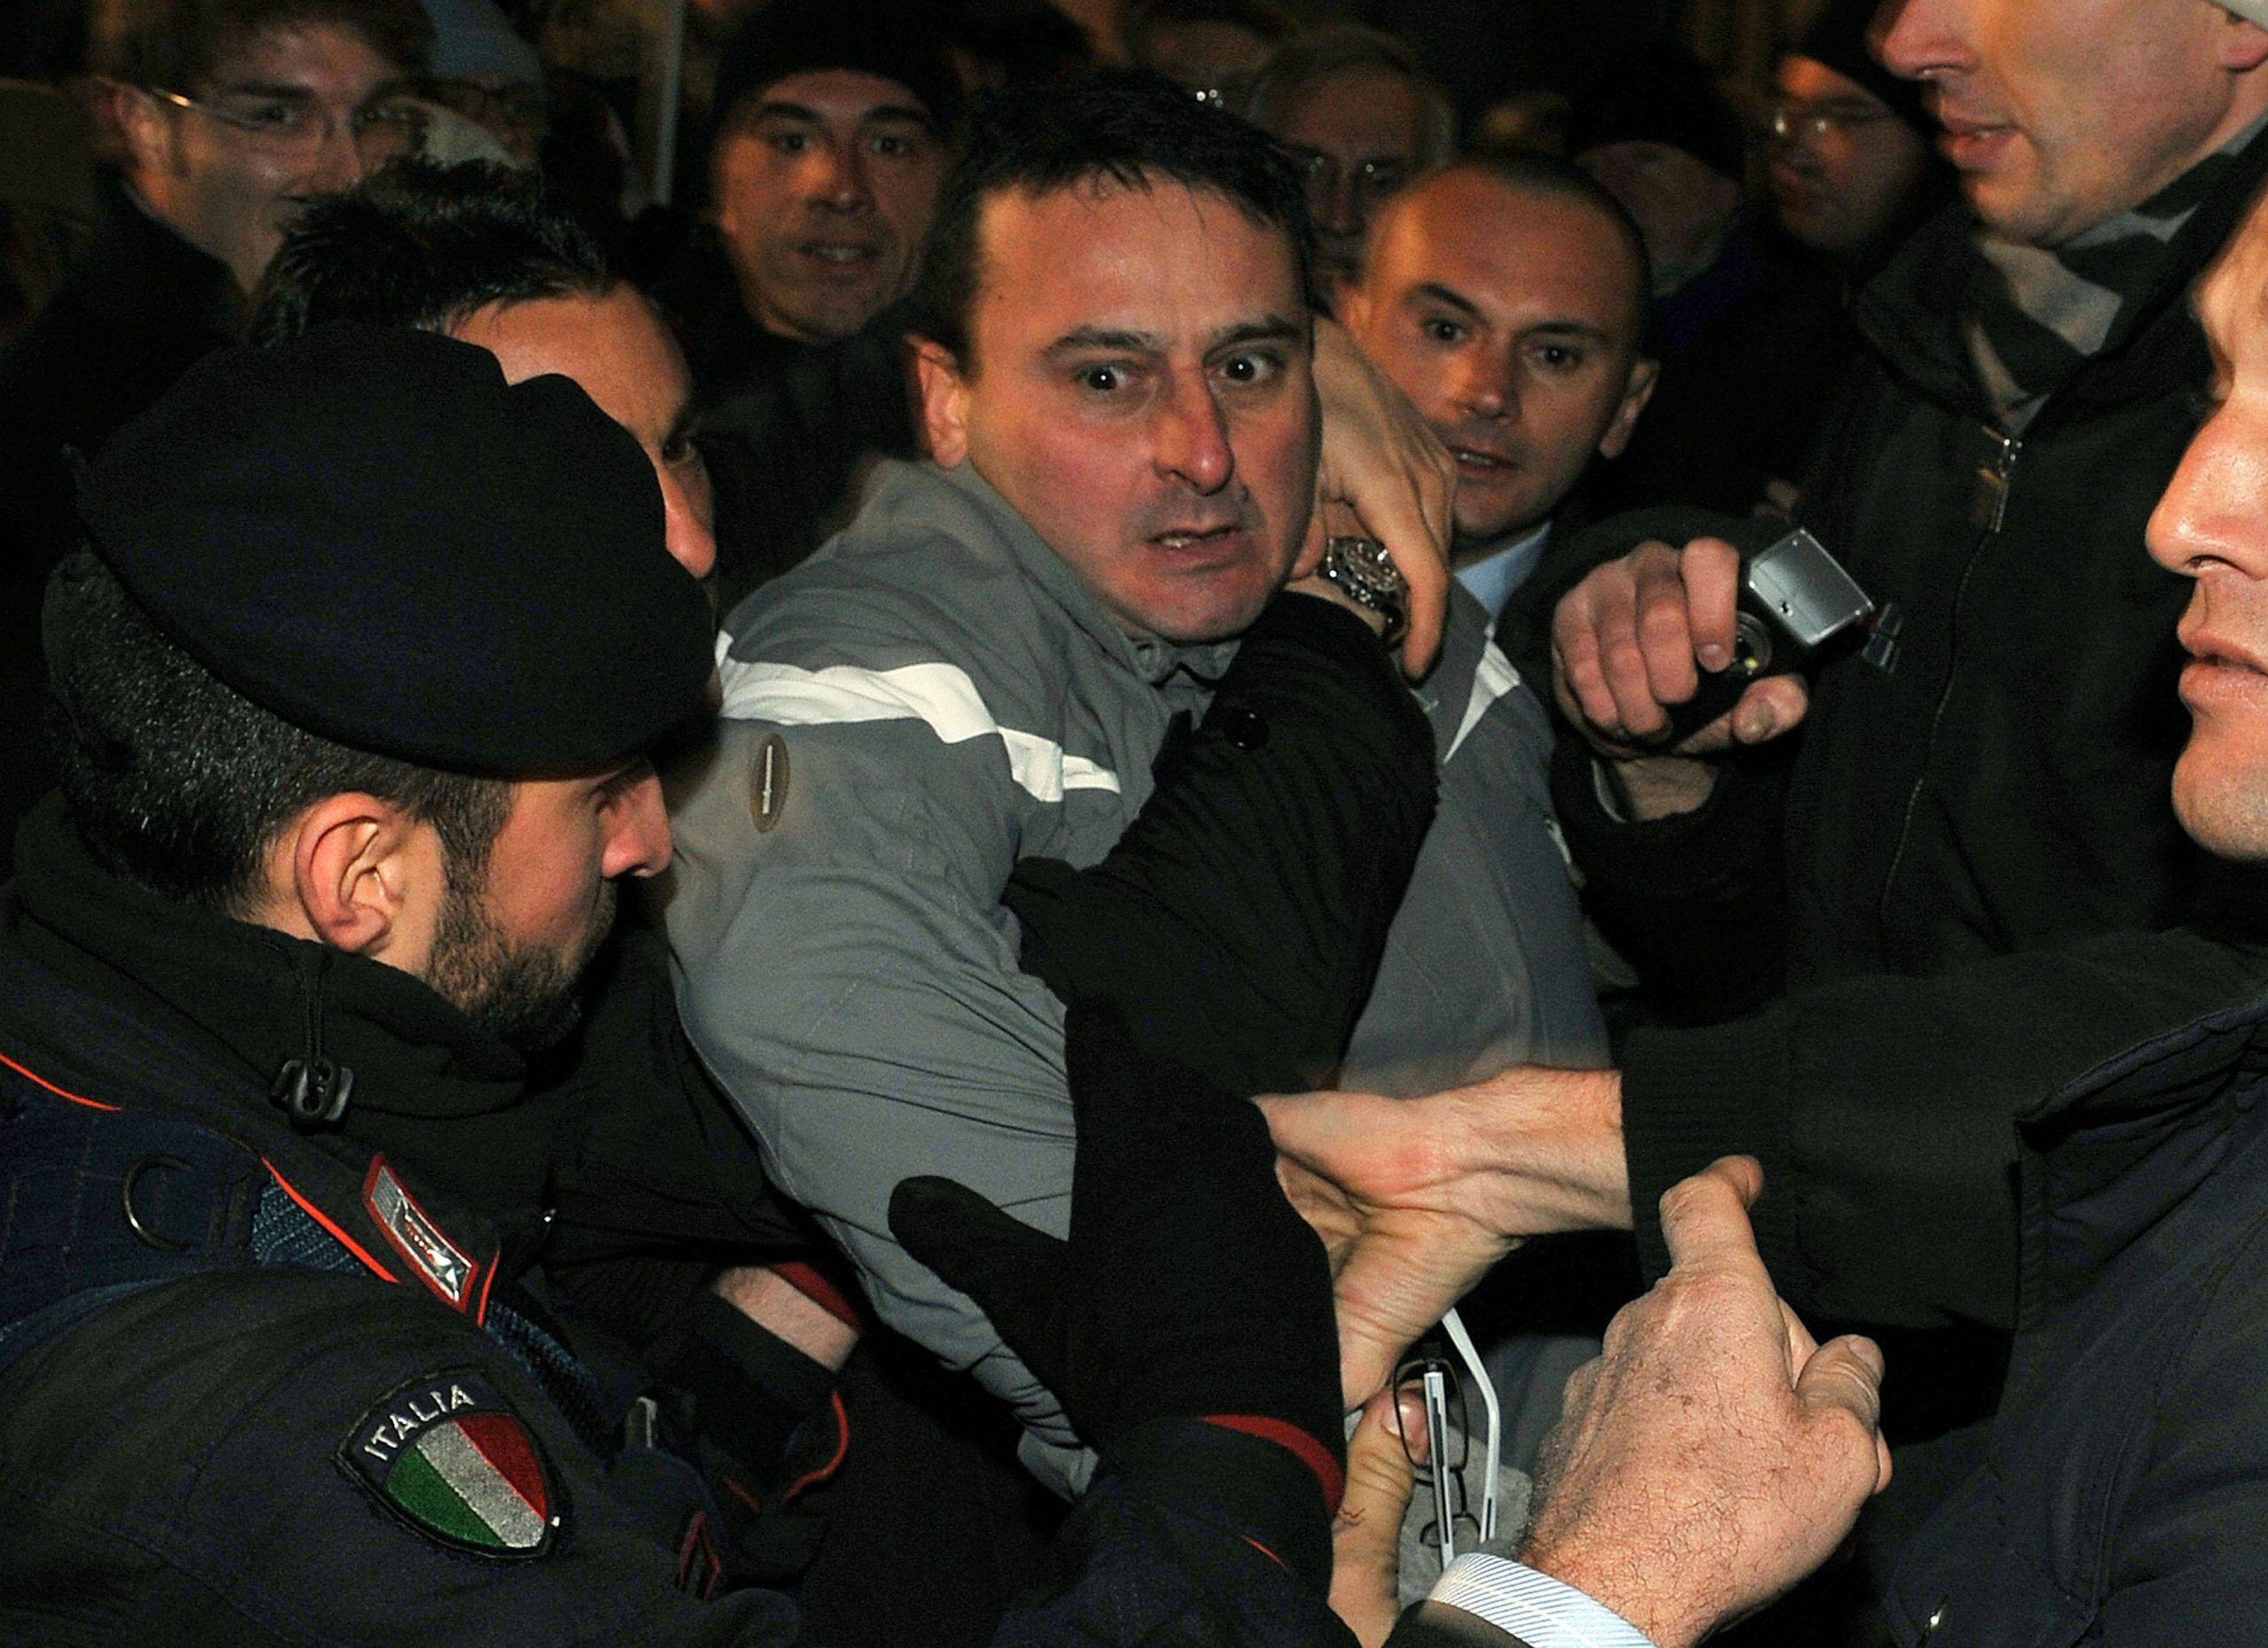 Massimo Tartaglia partecipa ad un provino per lavorare come Babbo Natale